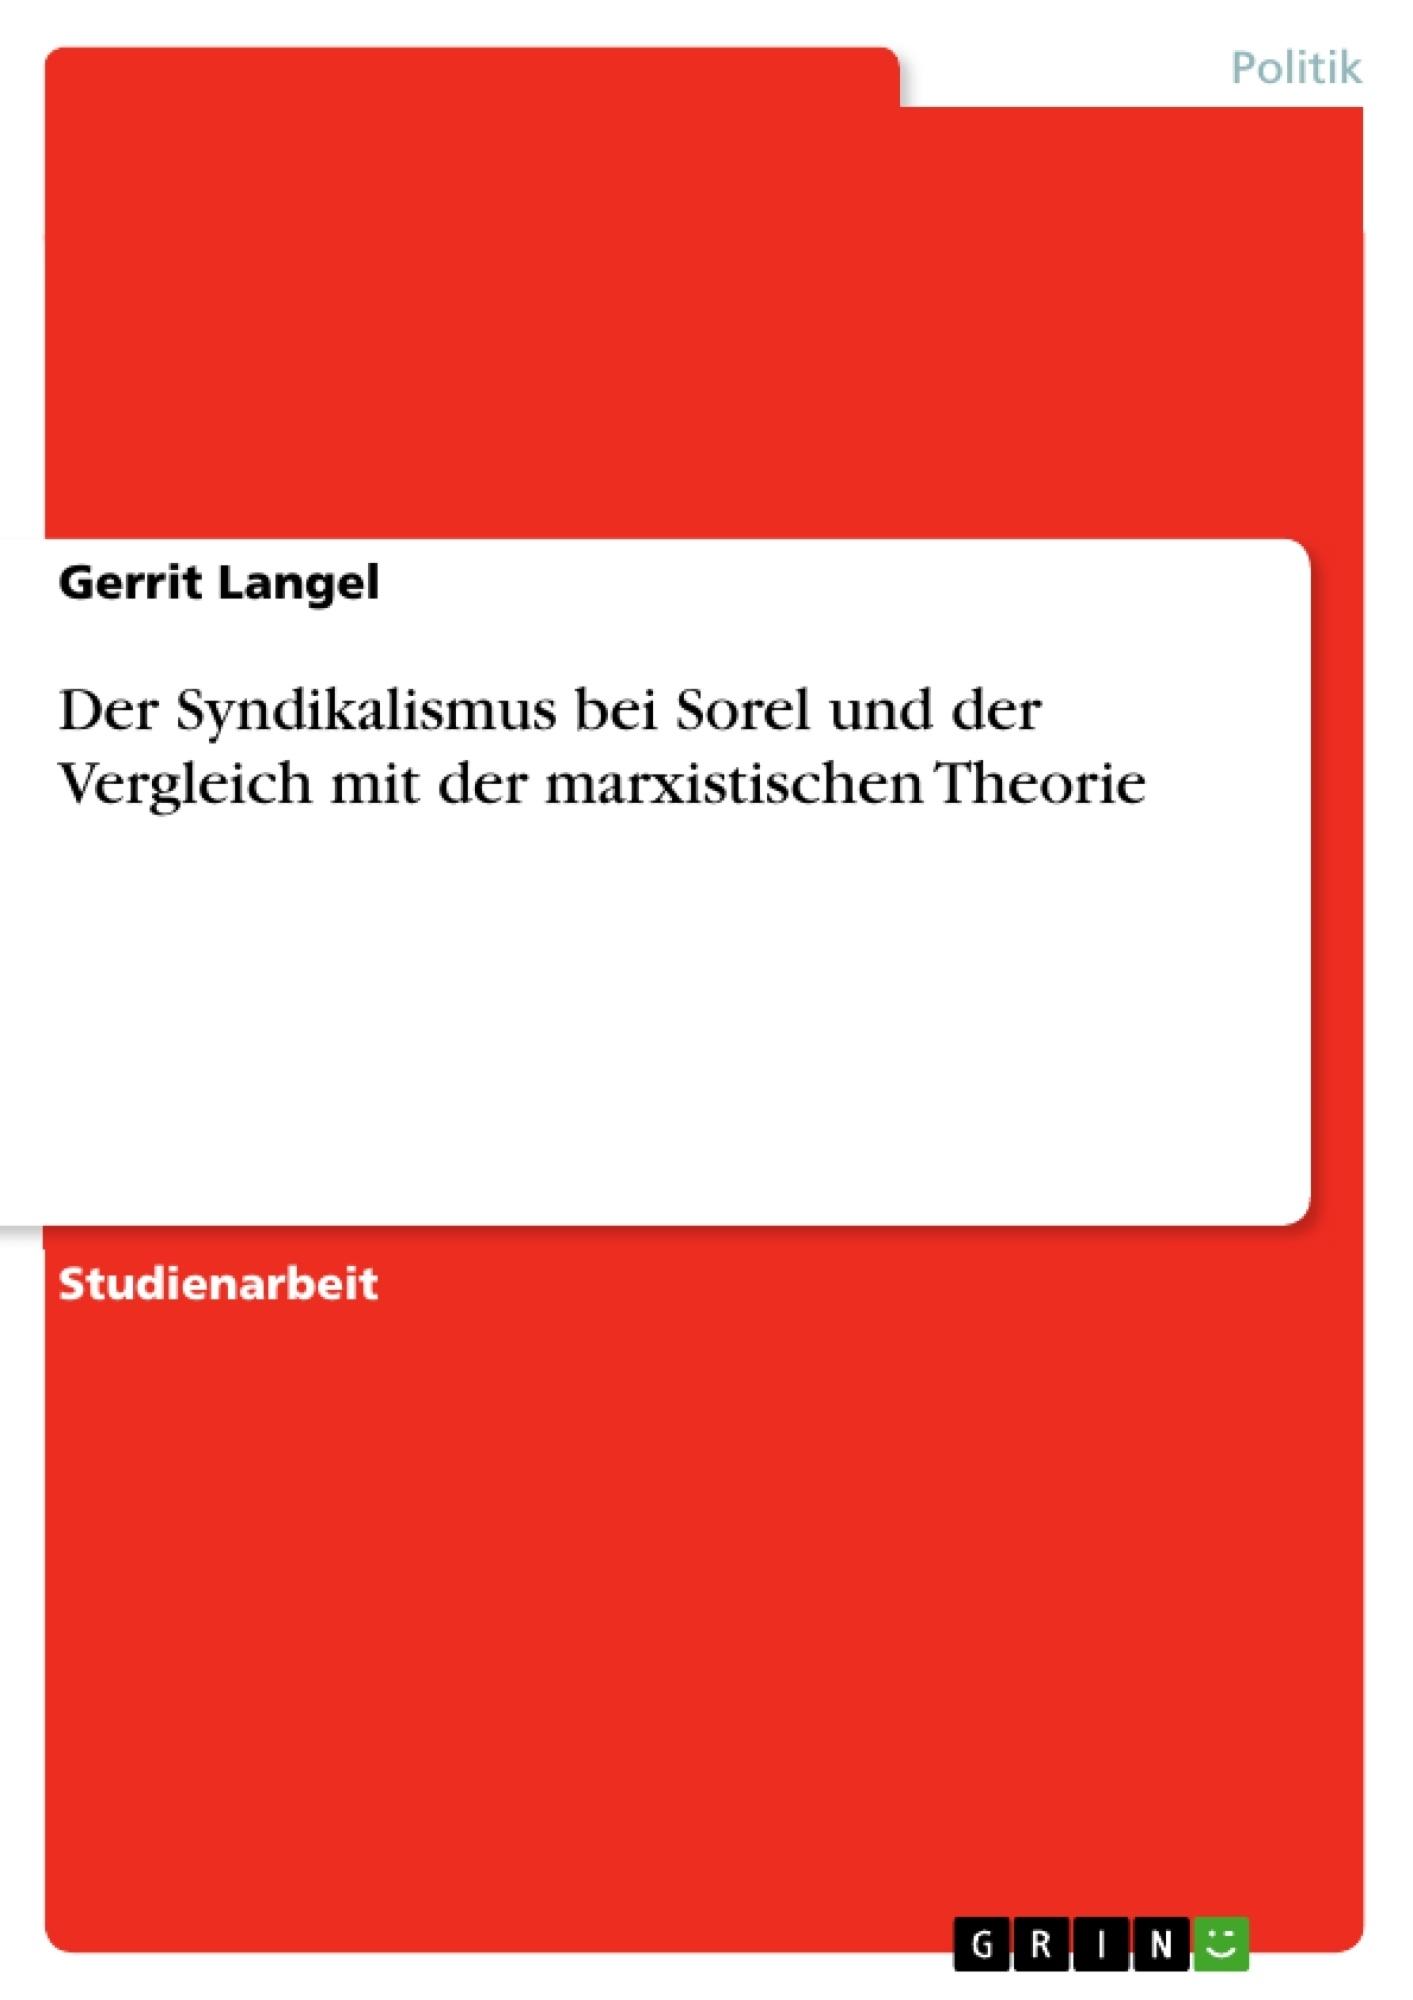 Titel: Der Syndikalismus bei Sorel und der Vergleich mit der marxistischen Theorie